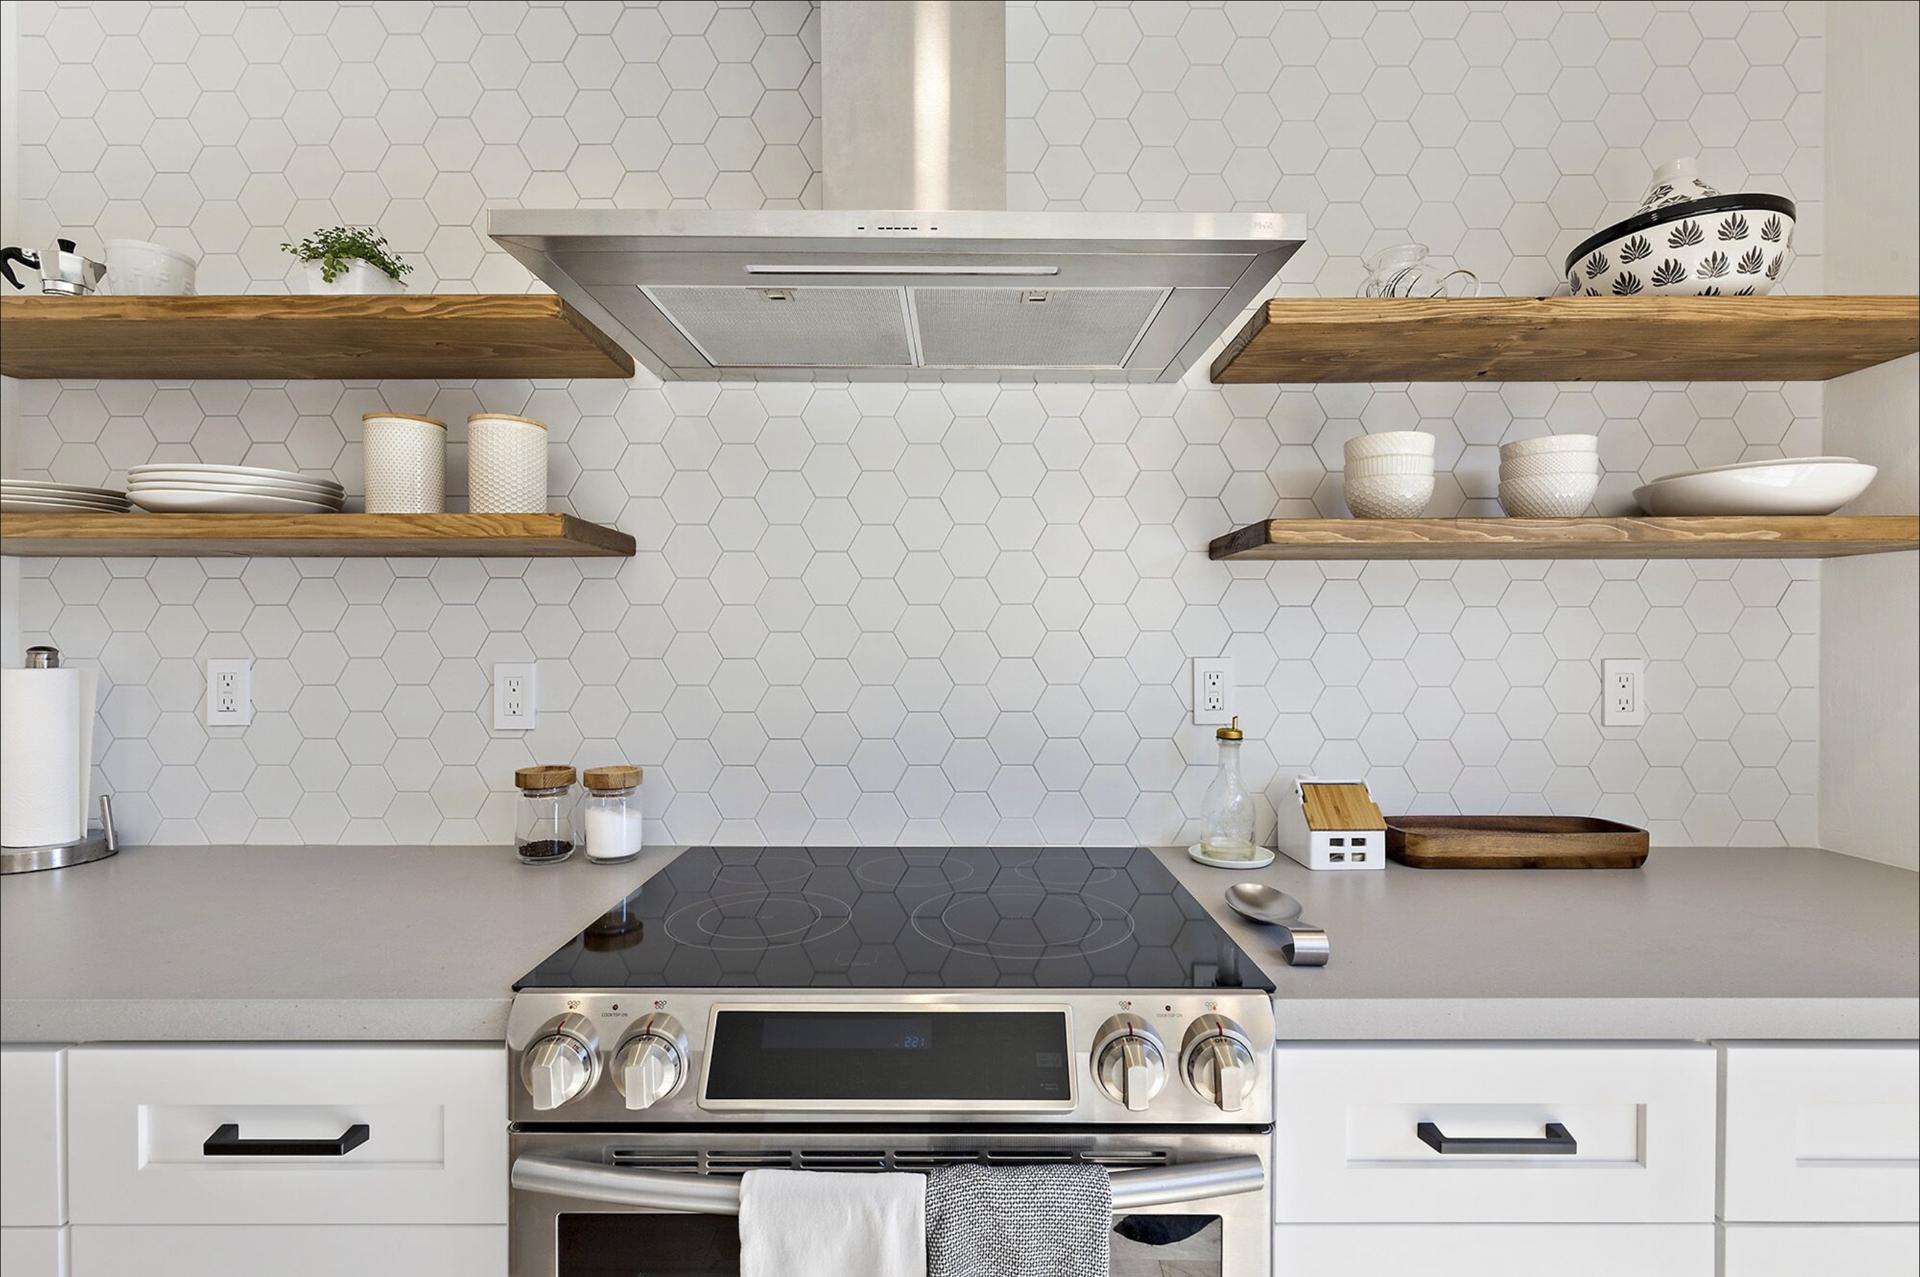 Kitchen Design Trends in 2021